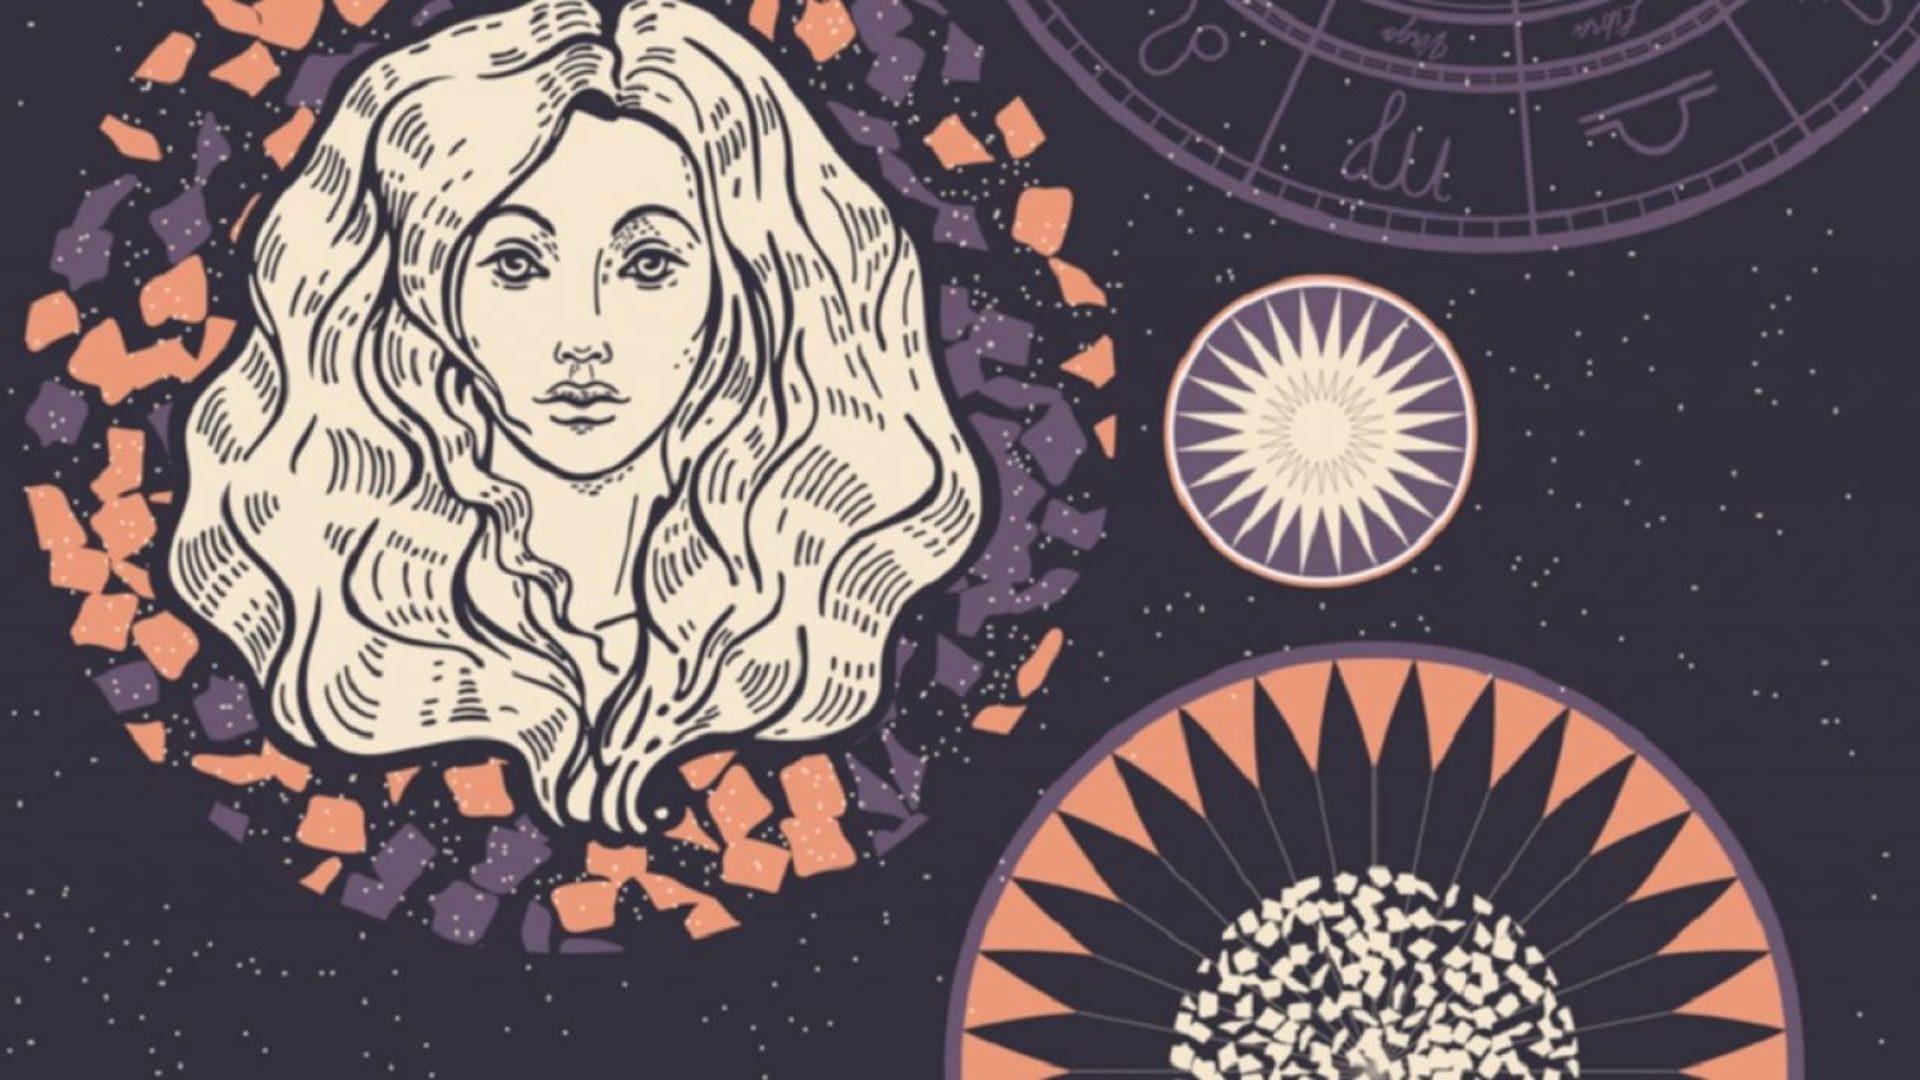 Soarele intră în zodia Fecioară pe 22 august. Iată cum vor fi influențate zodiile